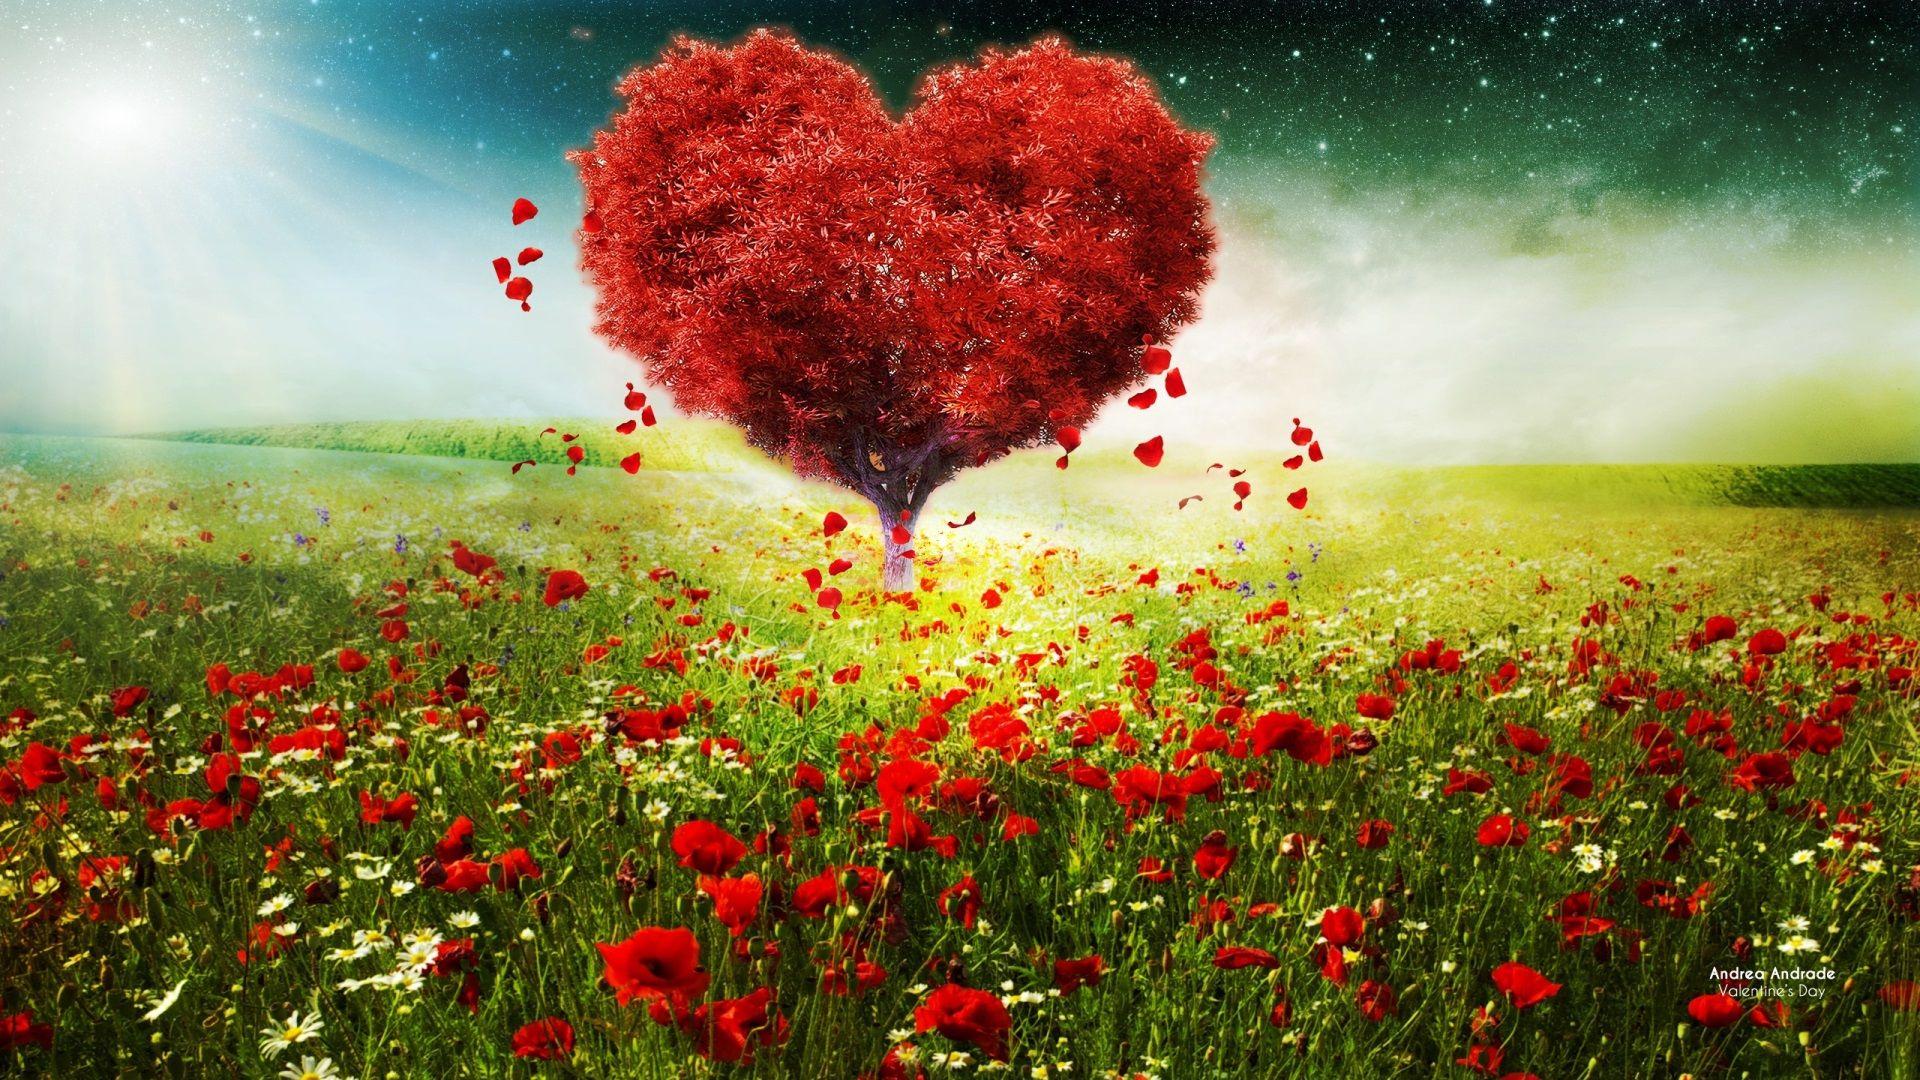 1920x1080 Love Heart Beautiful Wallpapers Landscape Trees Beautiful Wallpapers Love Wallpaper